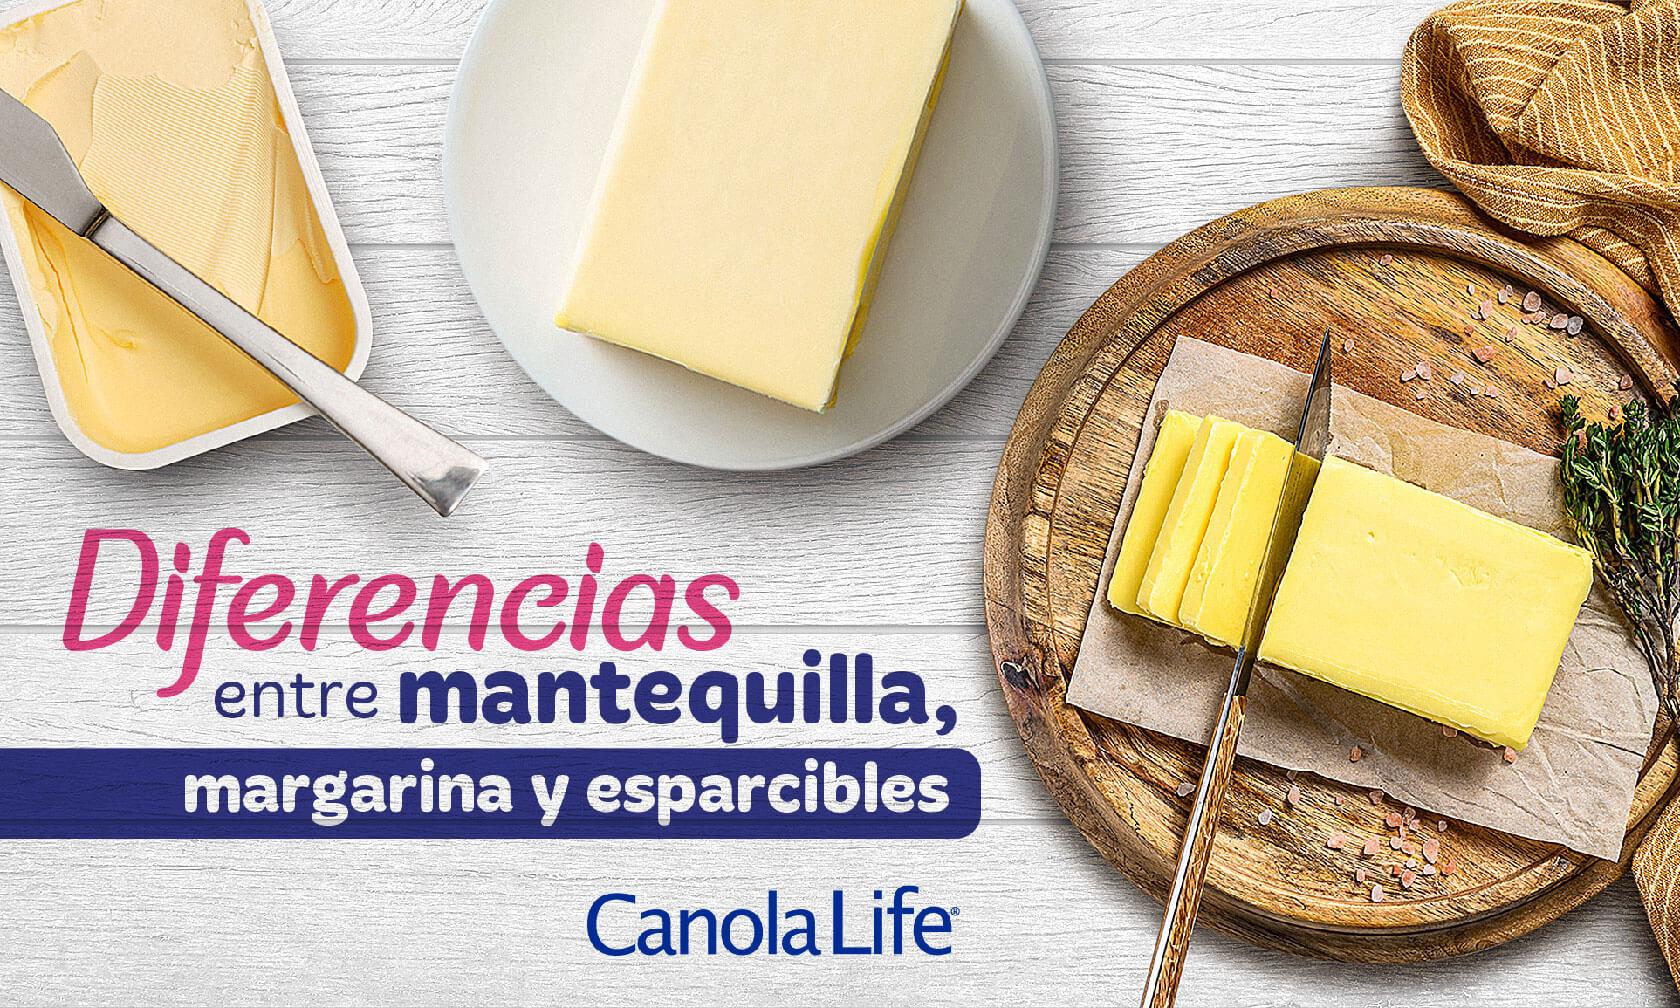 Diferencias entre mantequilla, margarina y esparcibles - Canola Life